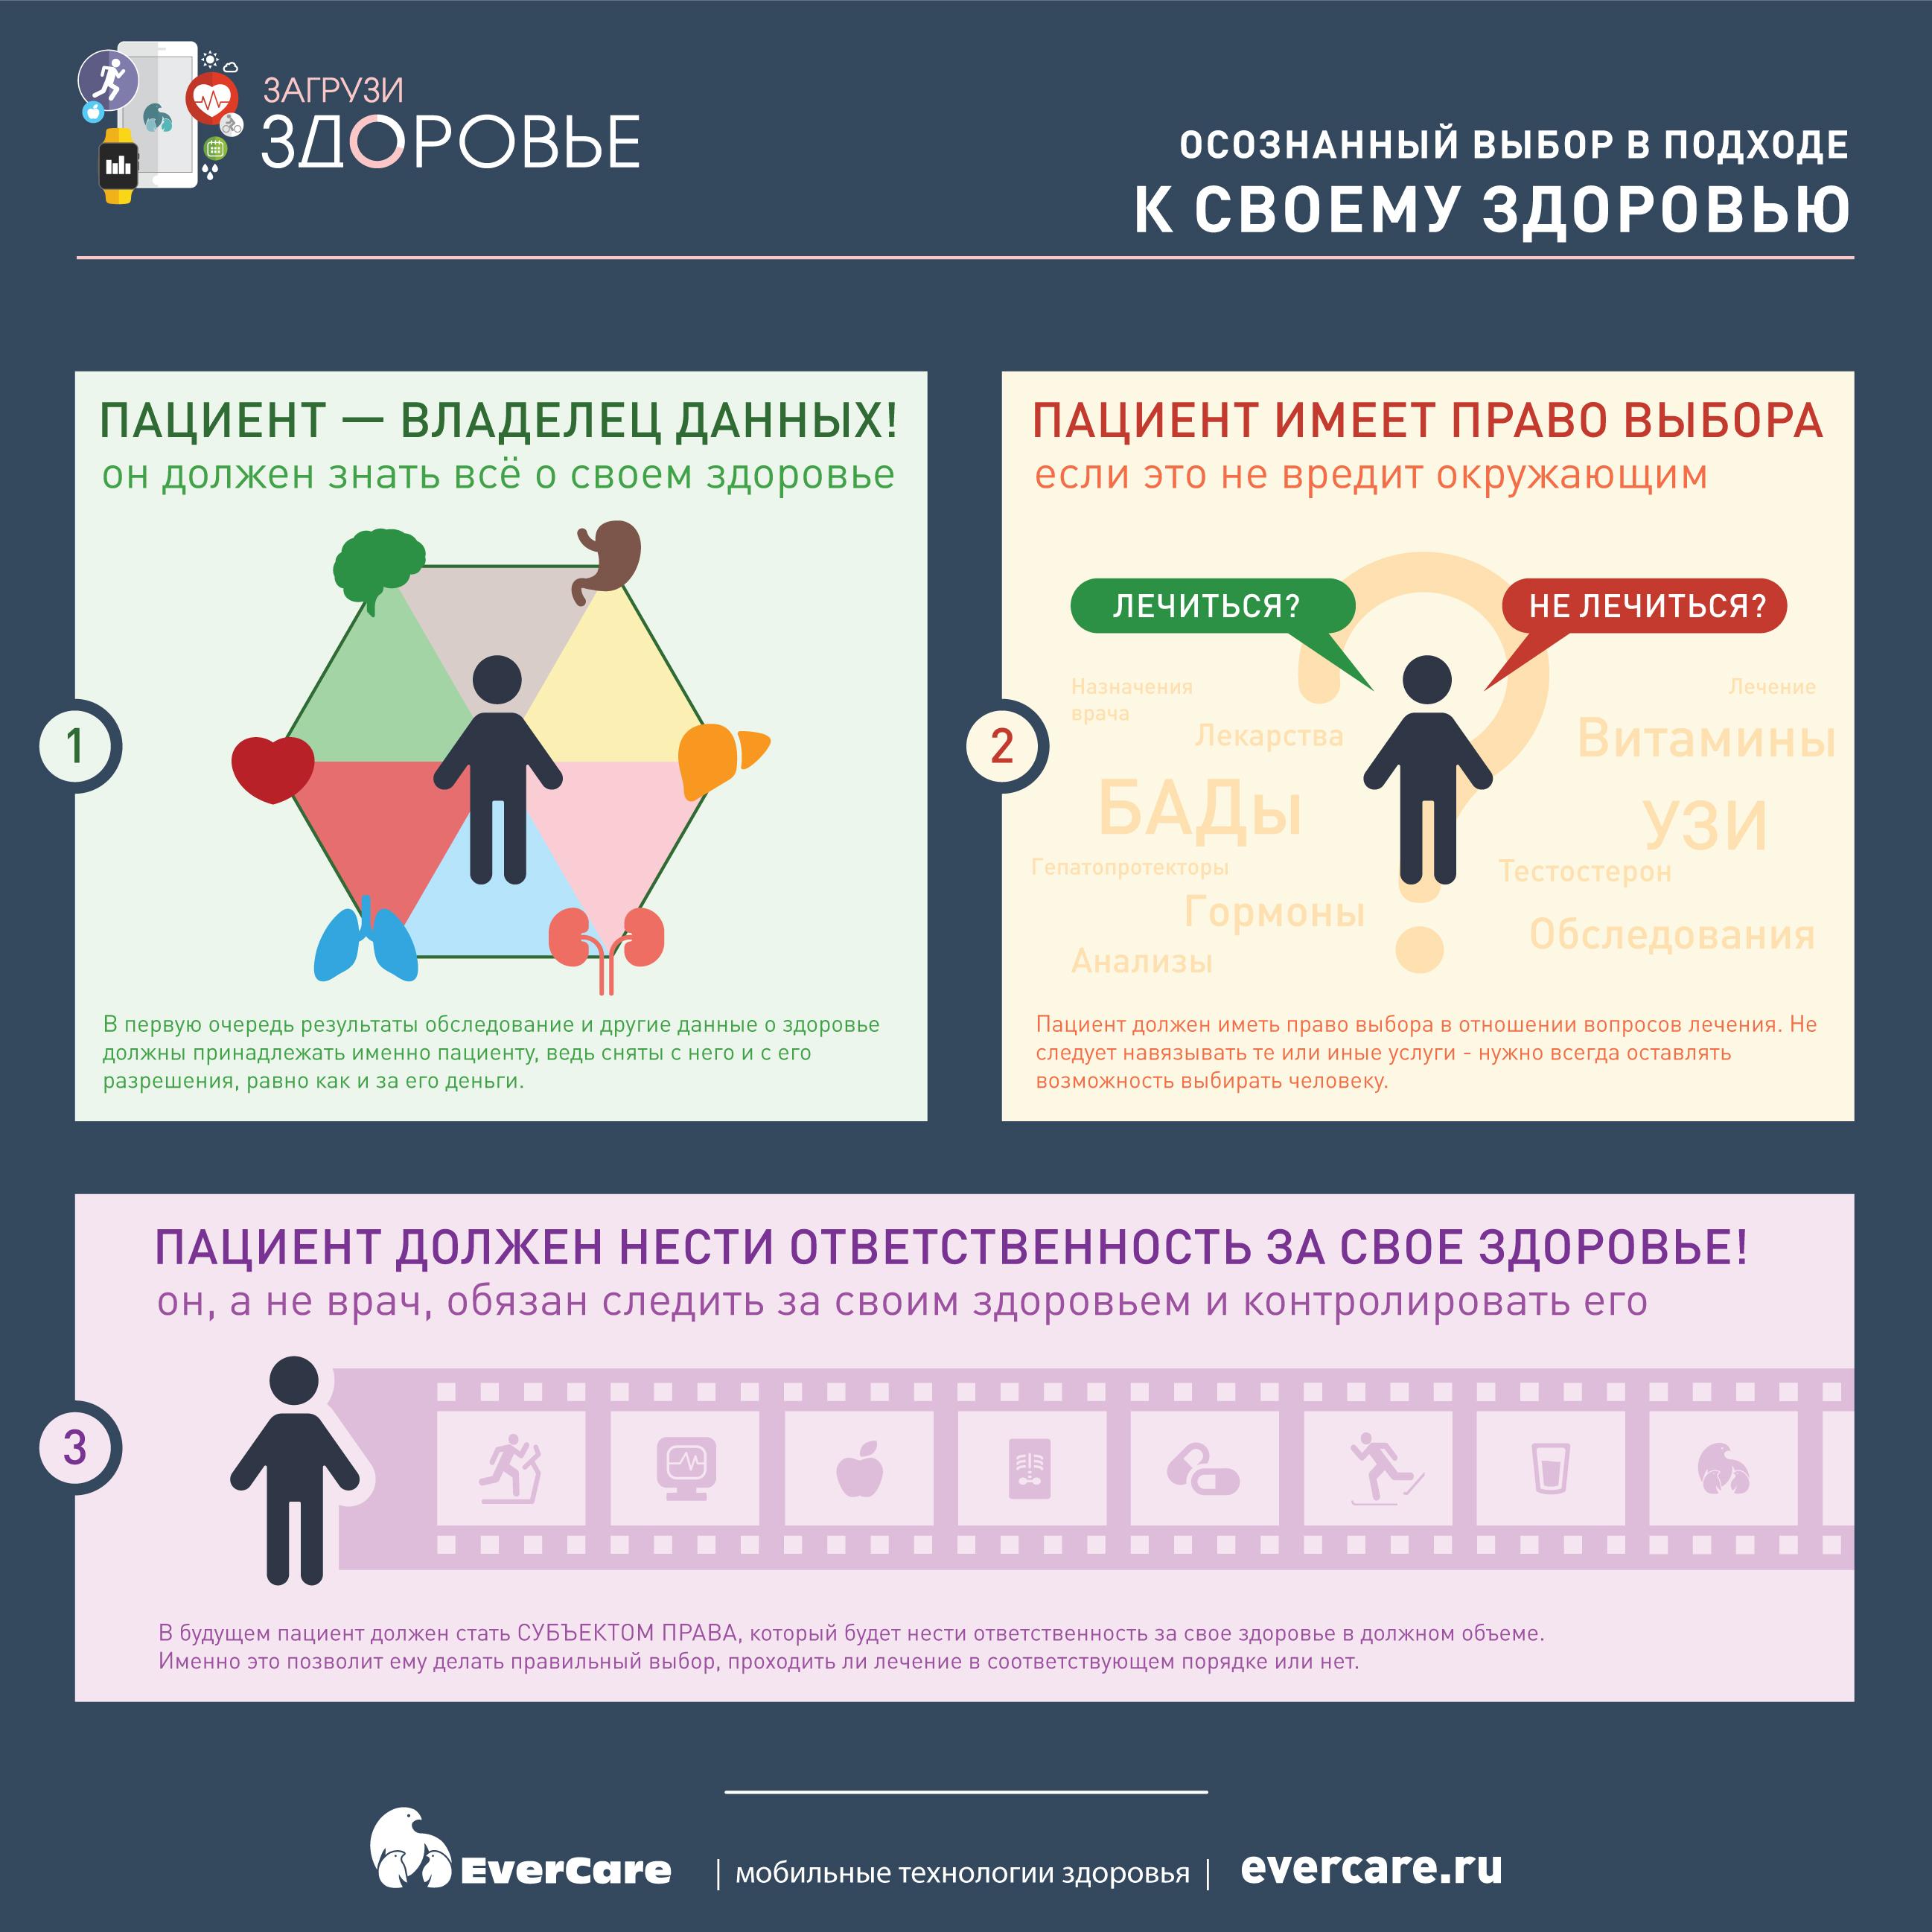 Осознанный выбор в подходе к своему здоровью, Инфографика